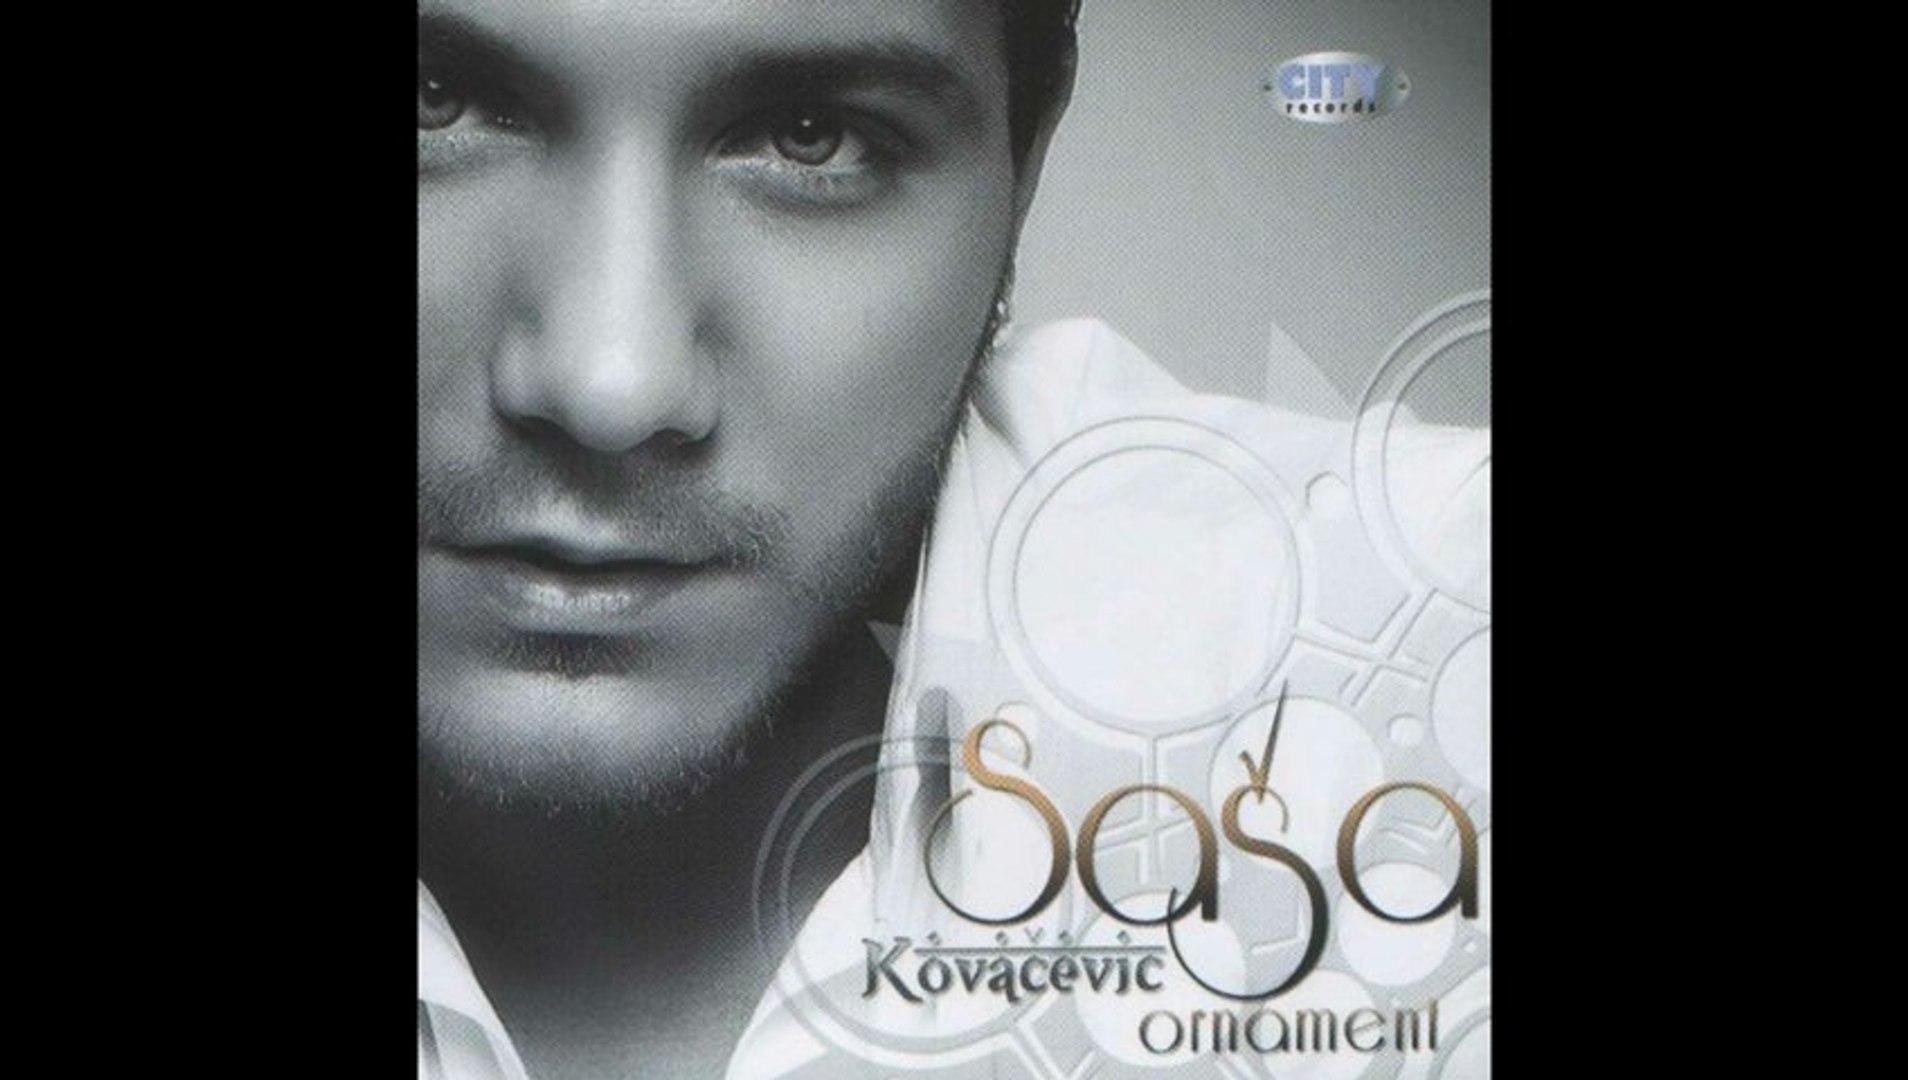 Sasa Kovacevic - Kome da verujem - (Audio 2010) HD